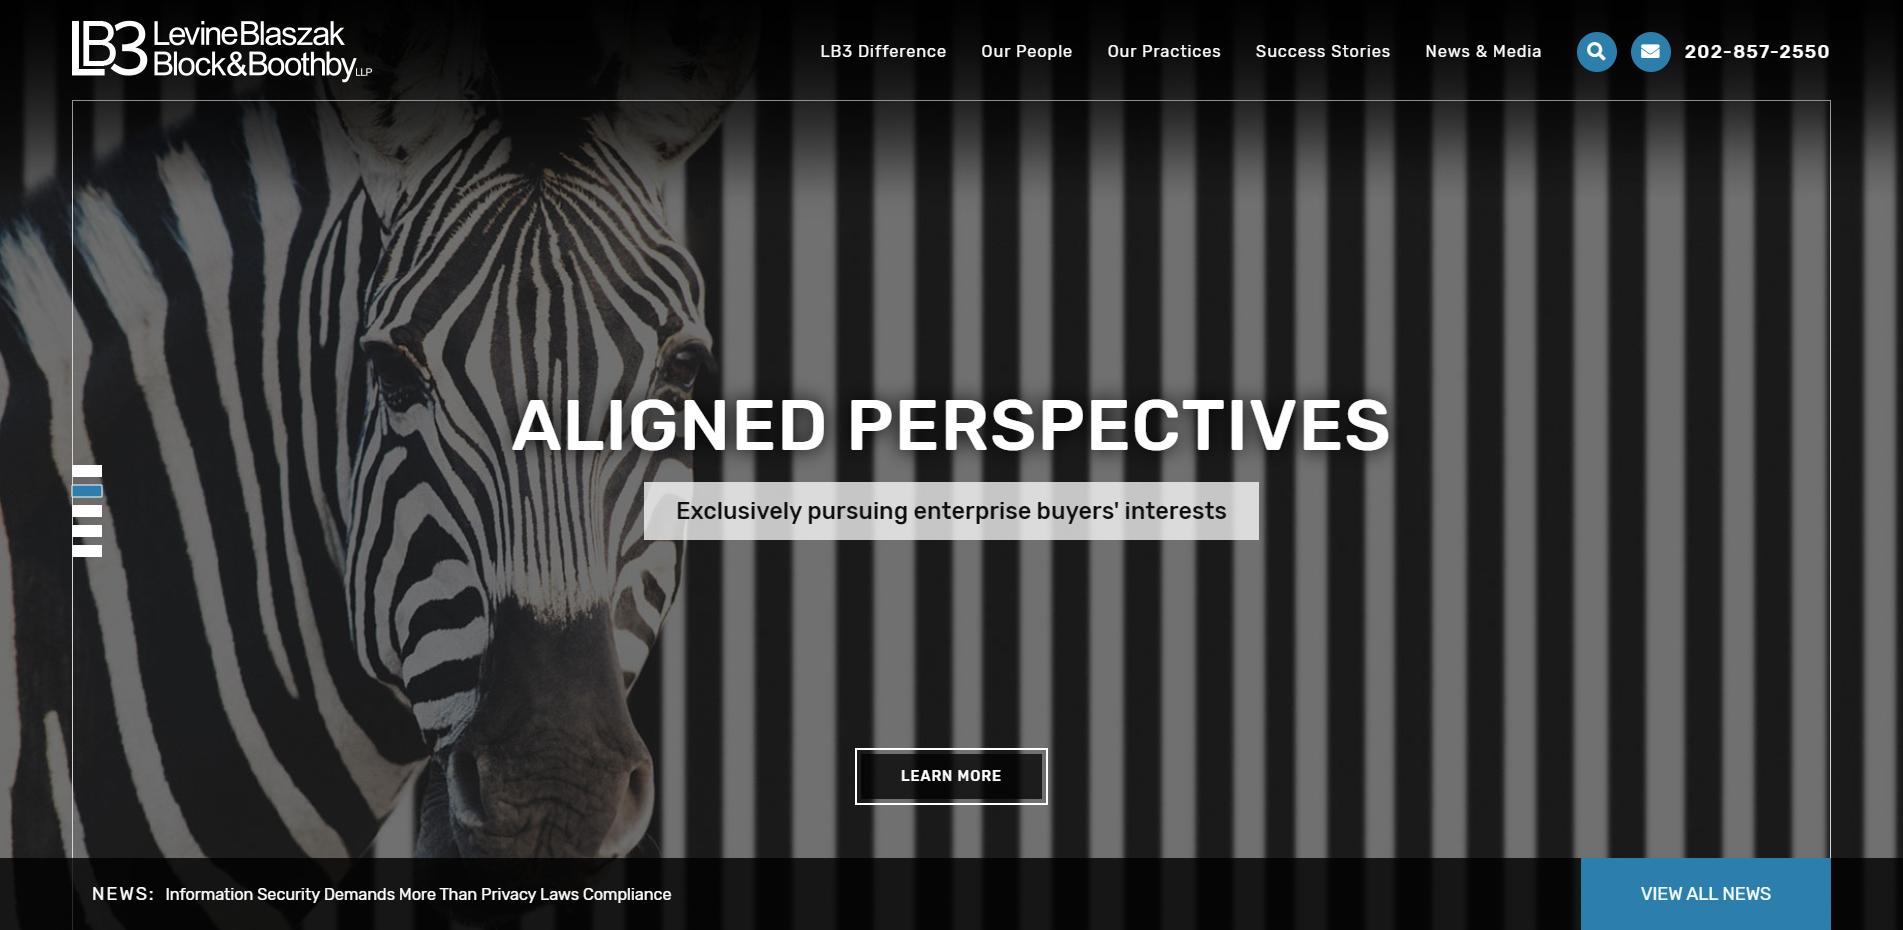 lb3law.com homepage